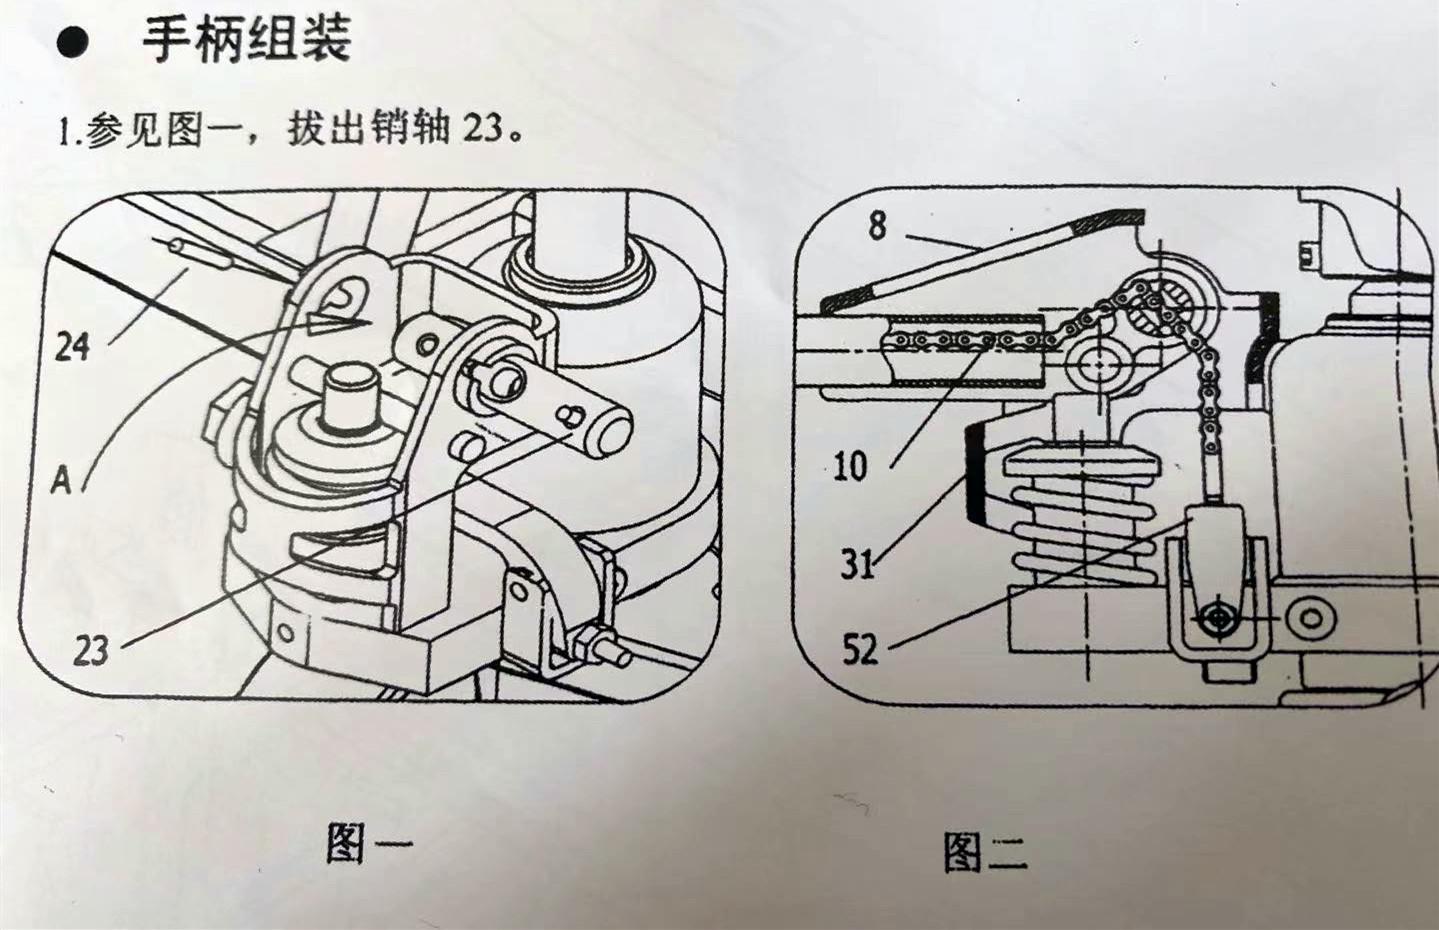 手动叉车手柄安装顺序图--河北东圣吊索具制造有限公司--手动叉车|液压堆高车|石材夹具|小型搅拌机